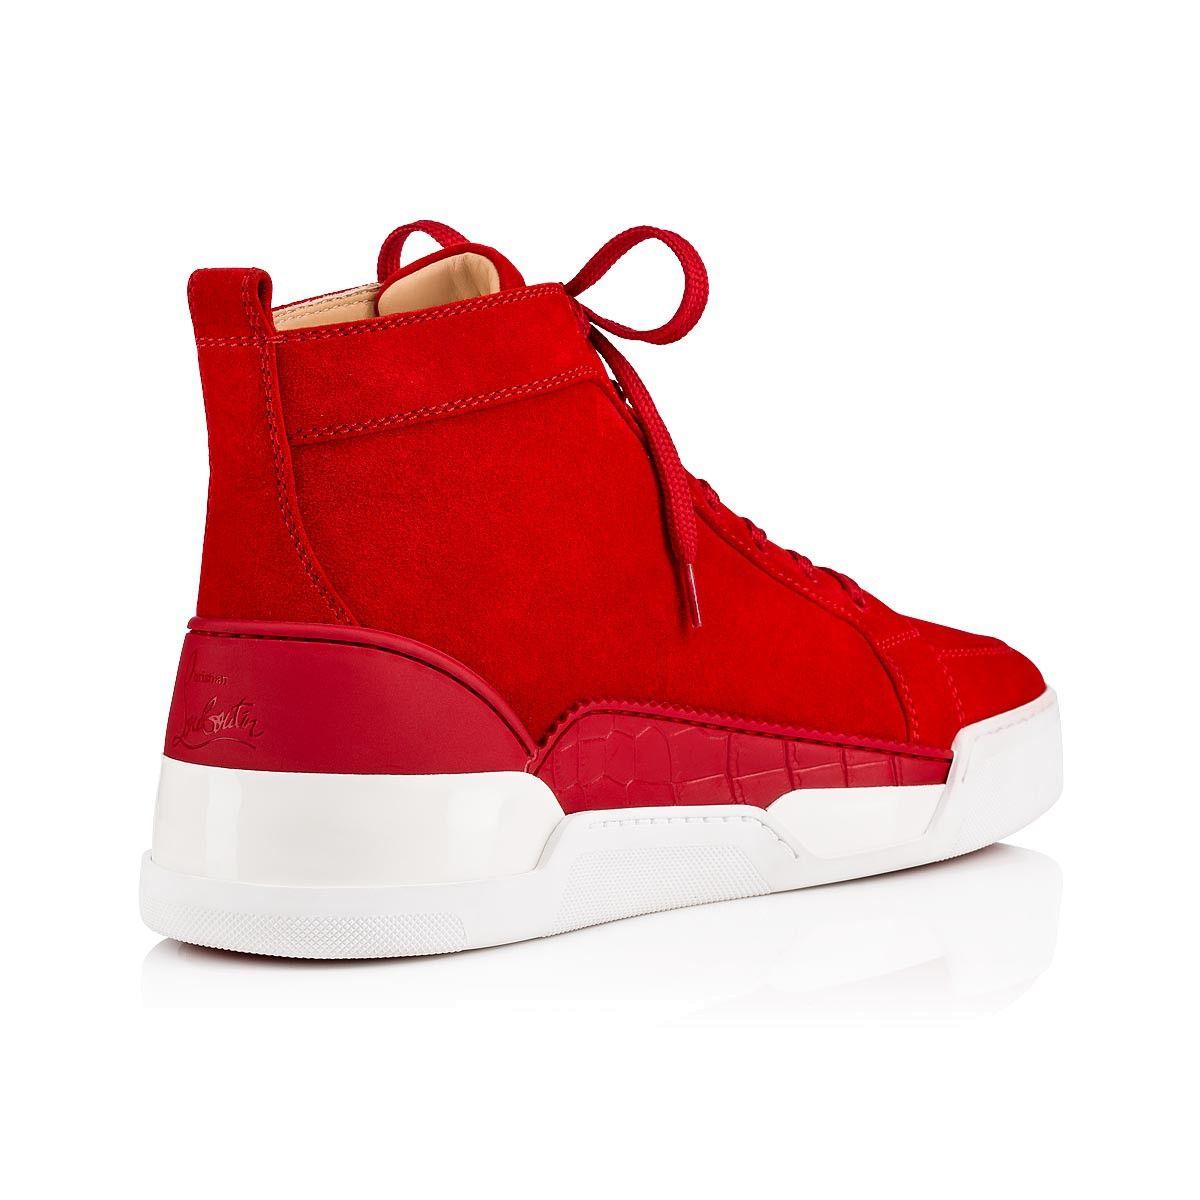 85d4c2ad699 Rankick Flat Loubi Suede - Men Shoes - Christian Louboutin in 2019 ...